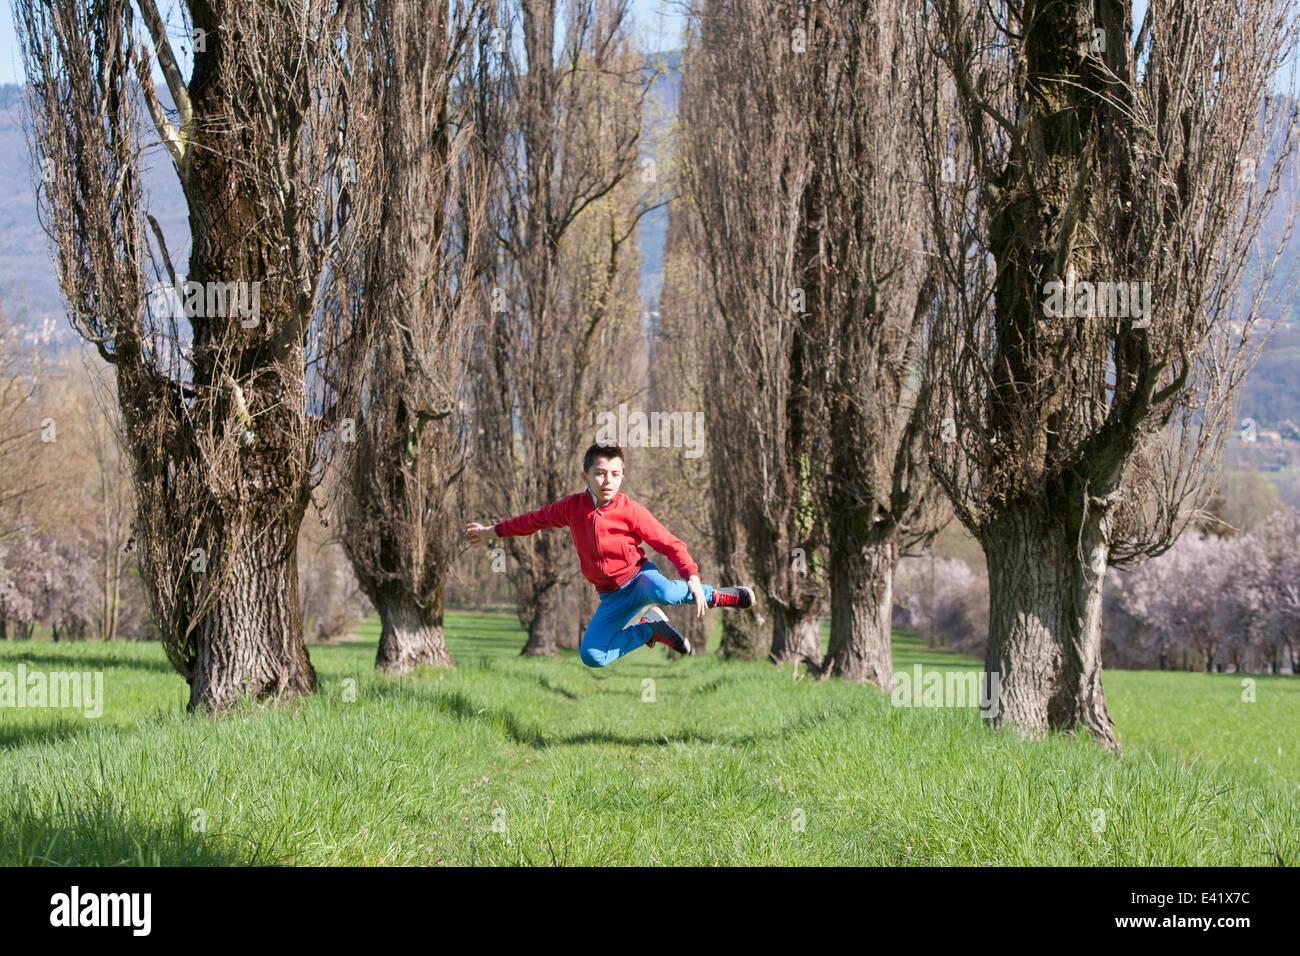 Muchacho de doce años saltando en medio del aire campo arbolada. Foto de stock